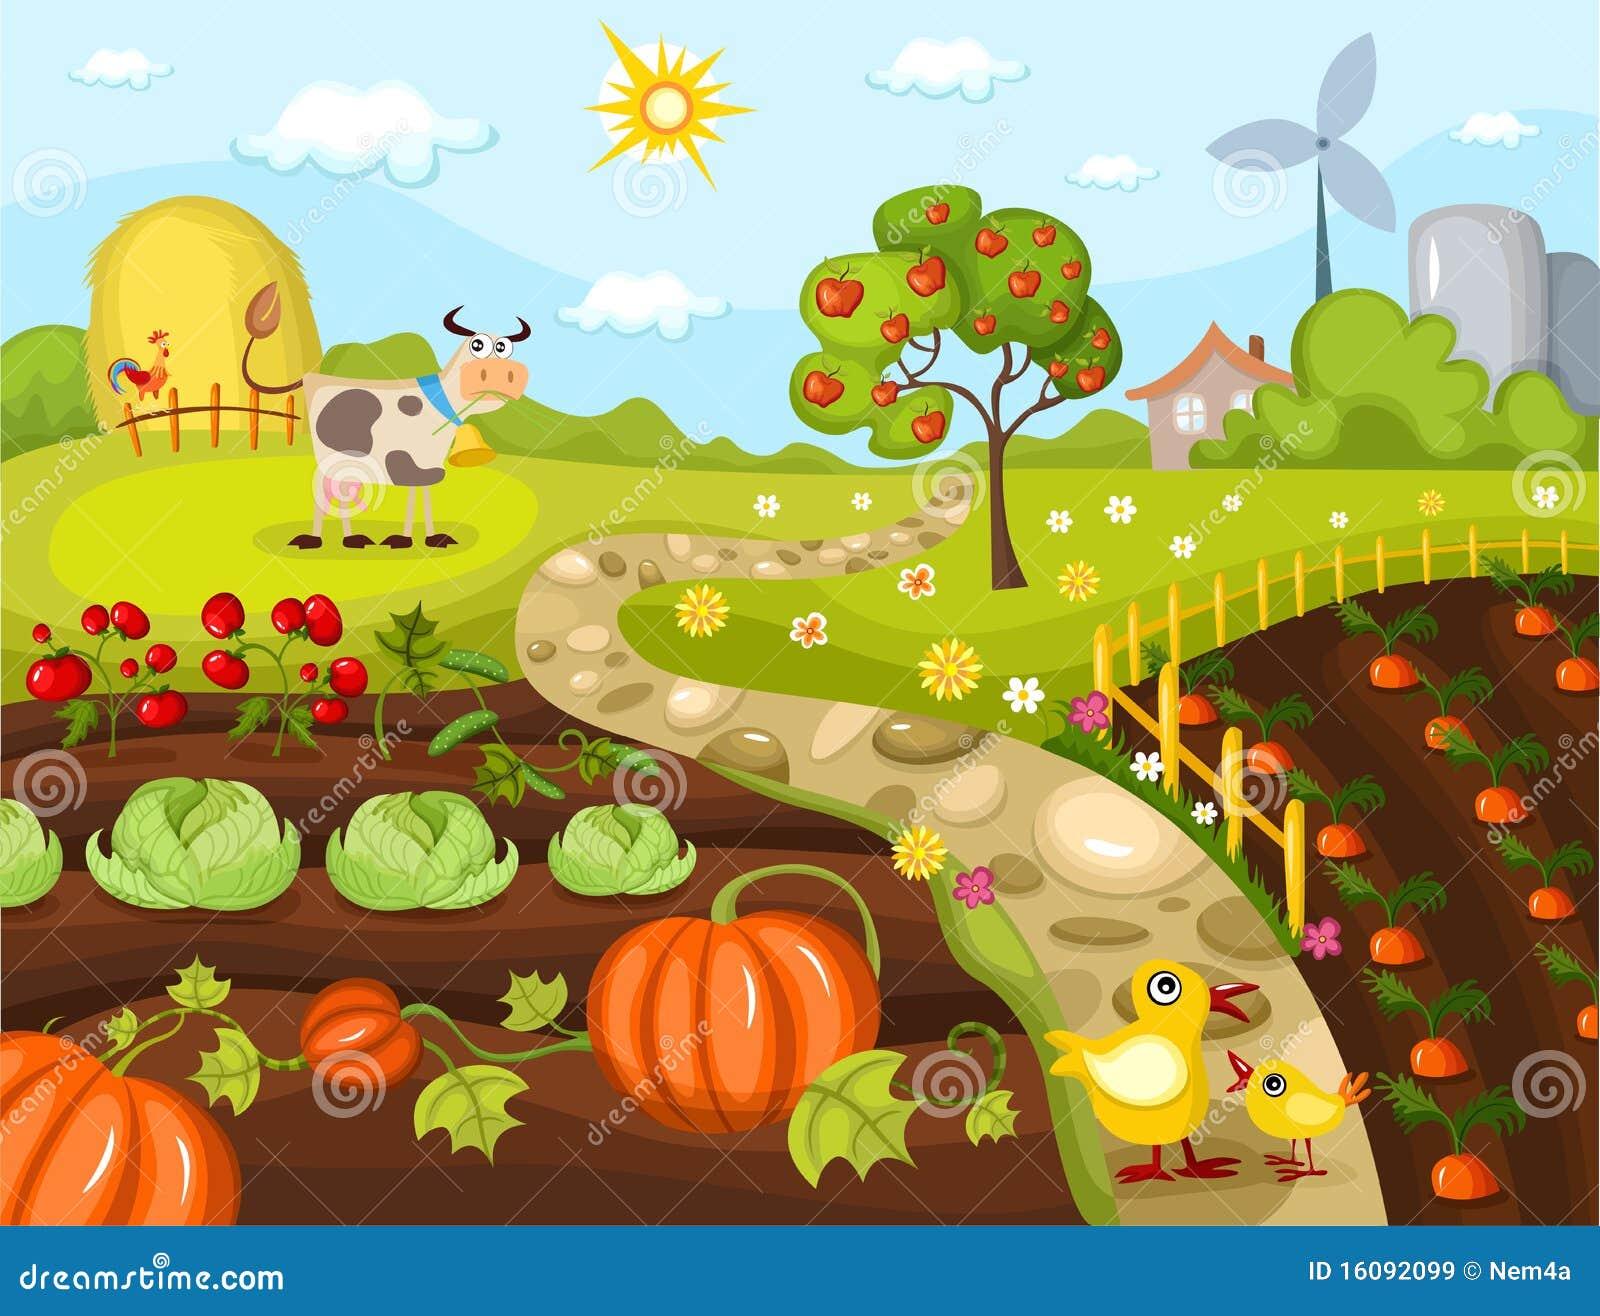 De kaart van de oogst